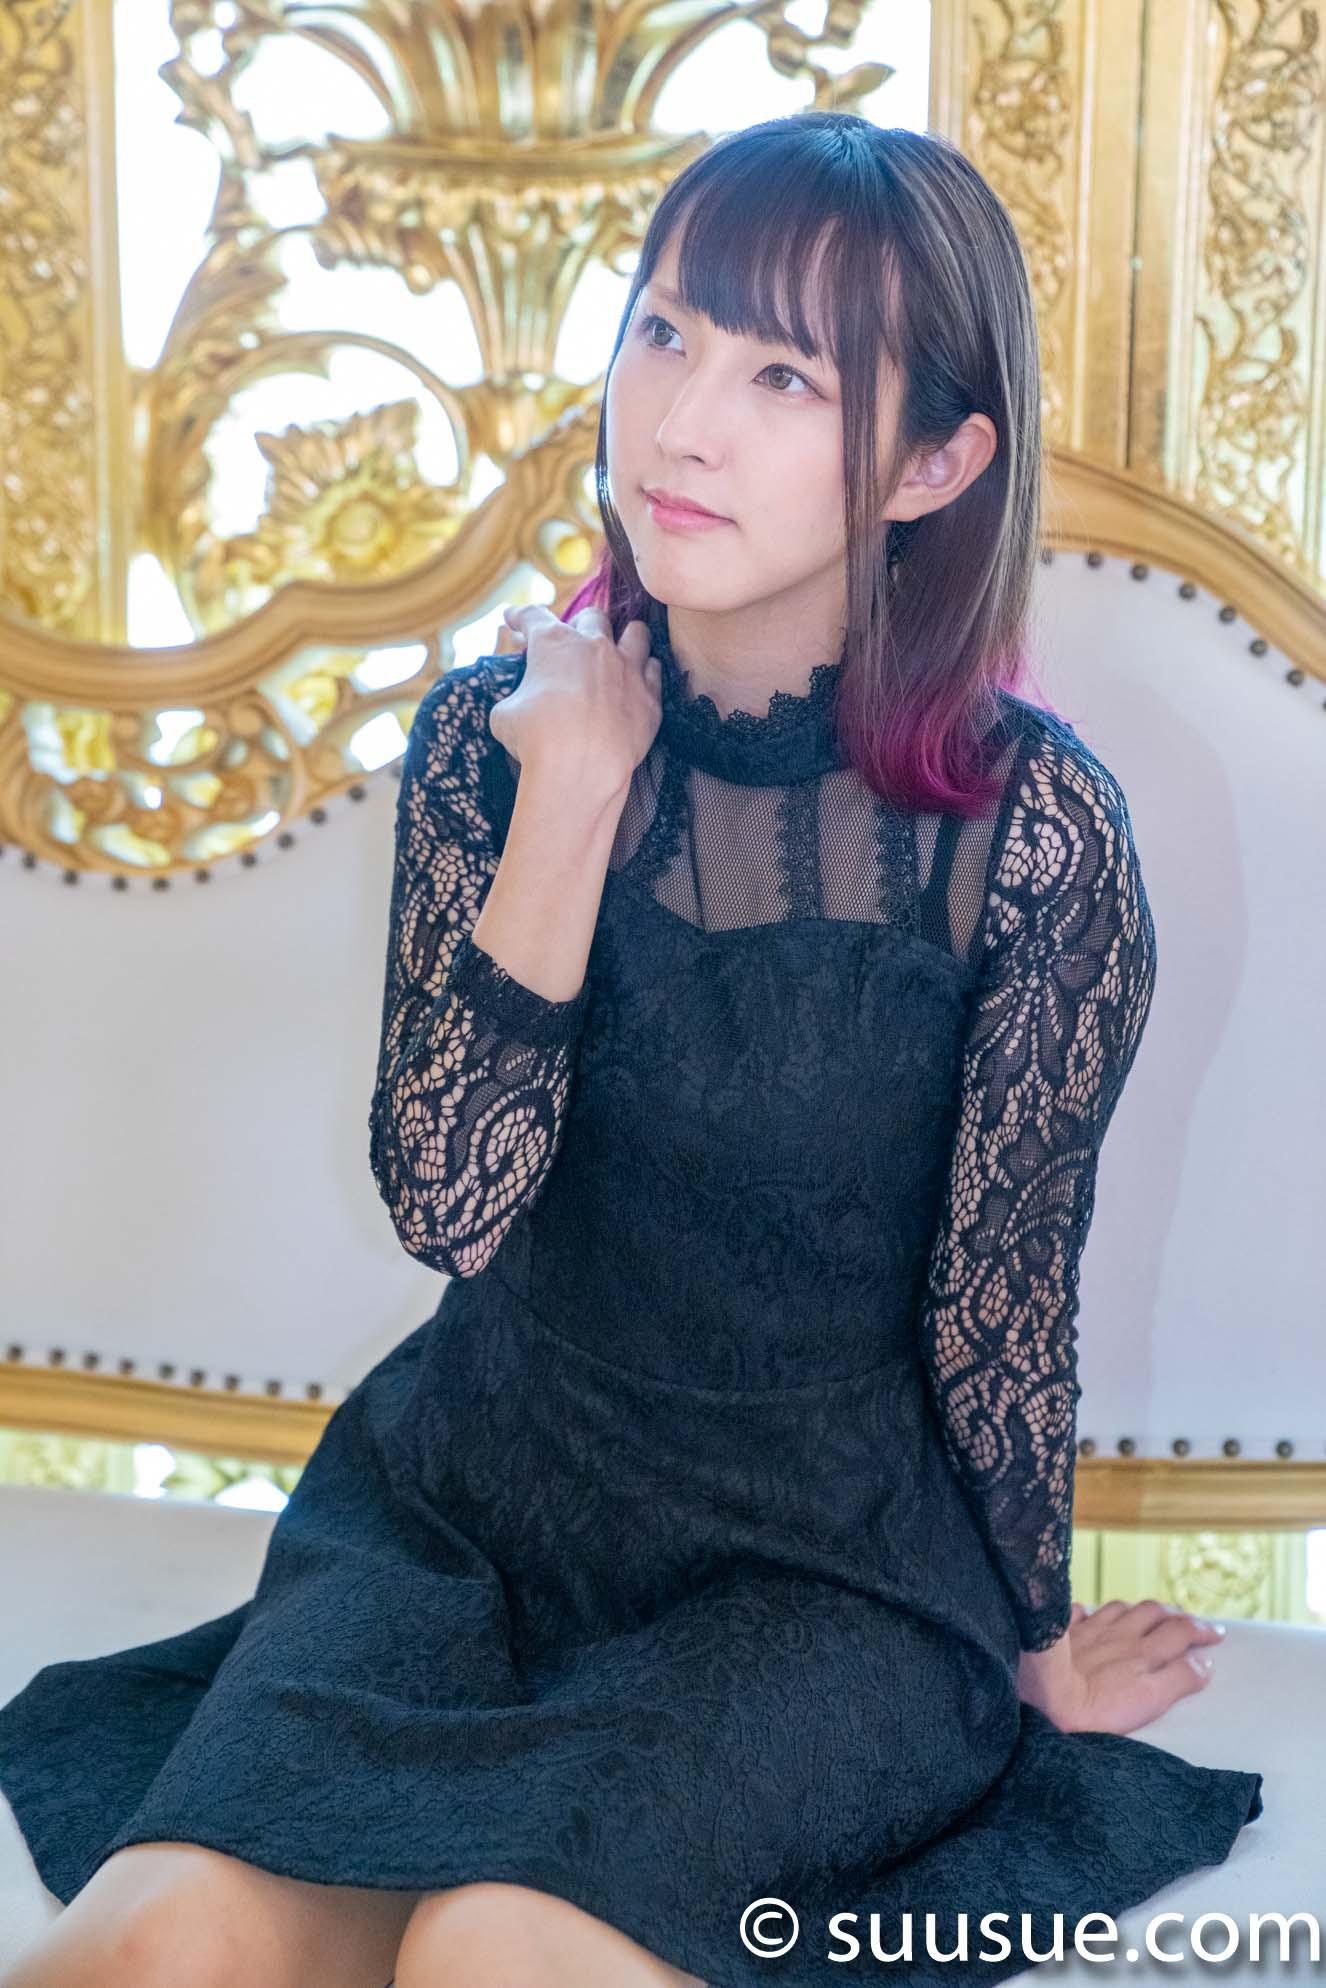 星乃ピノ 2019/11/04 マシュマロ撮影会